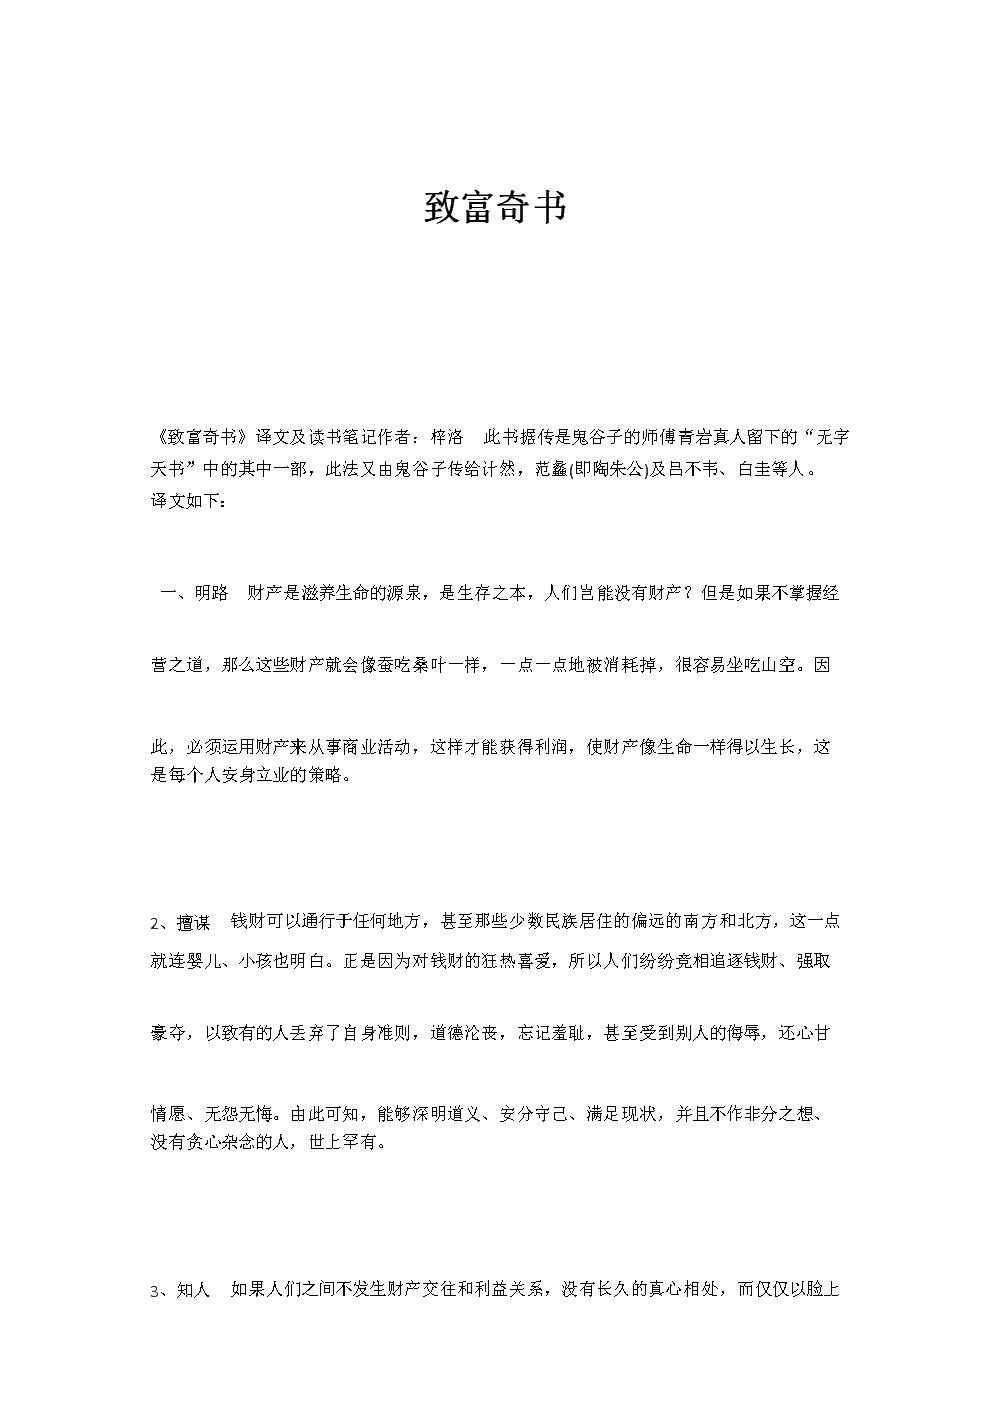 鬼谷子致富奇书.docx